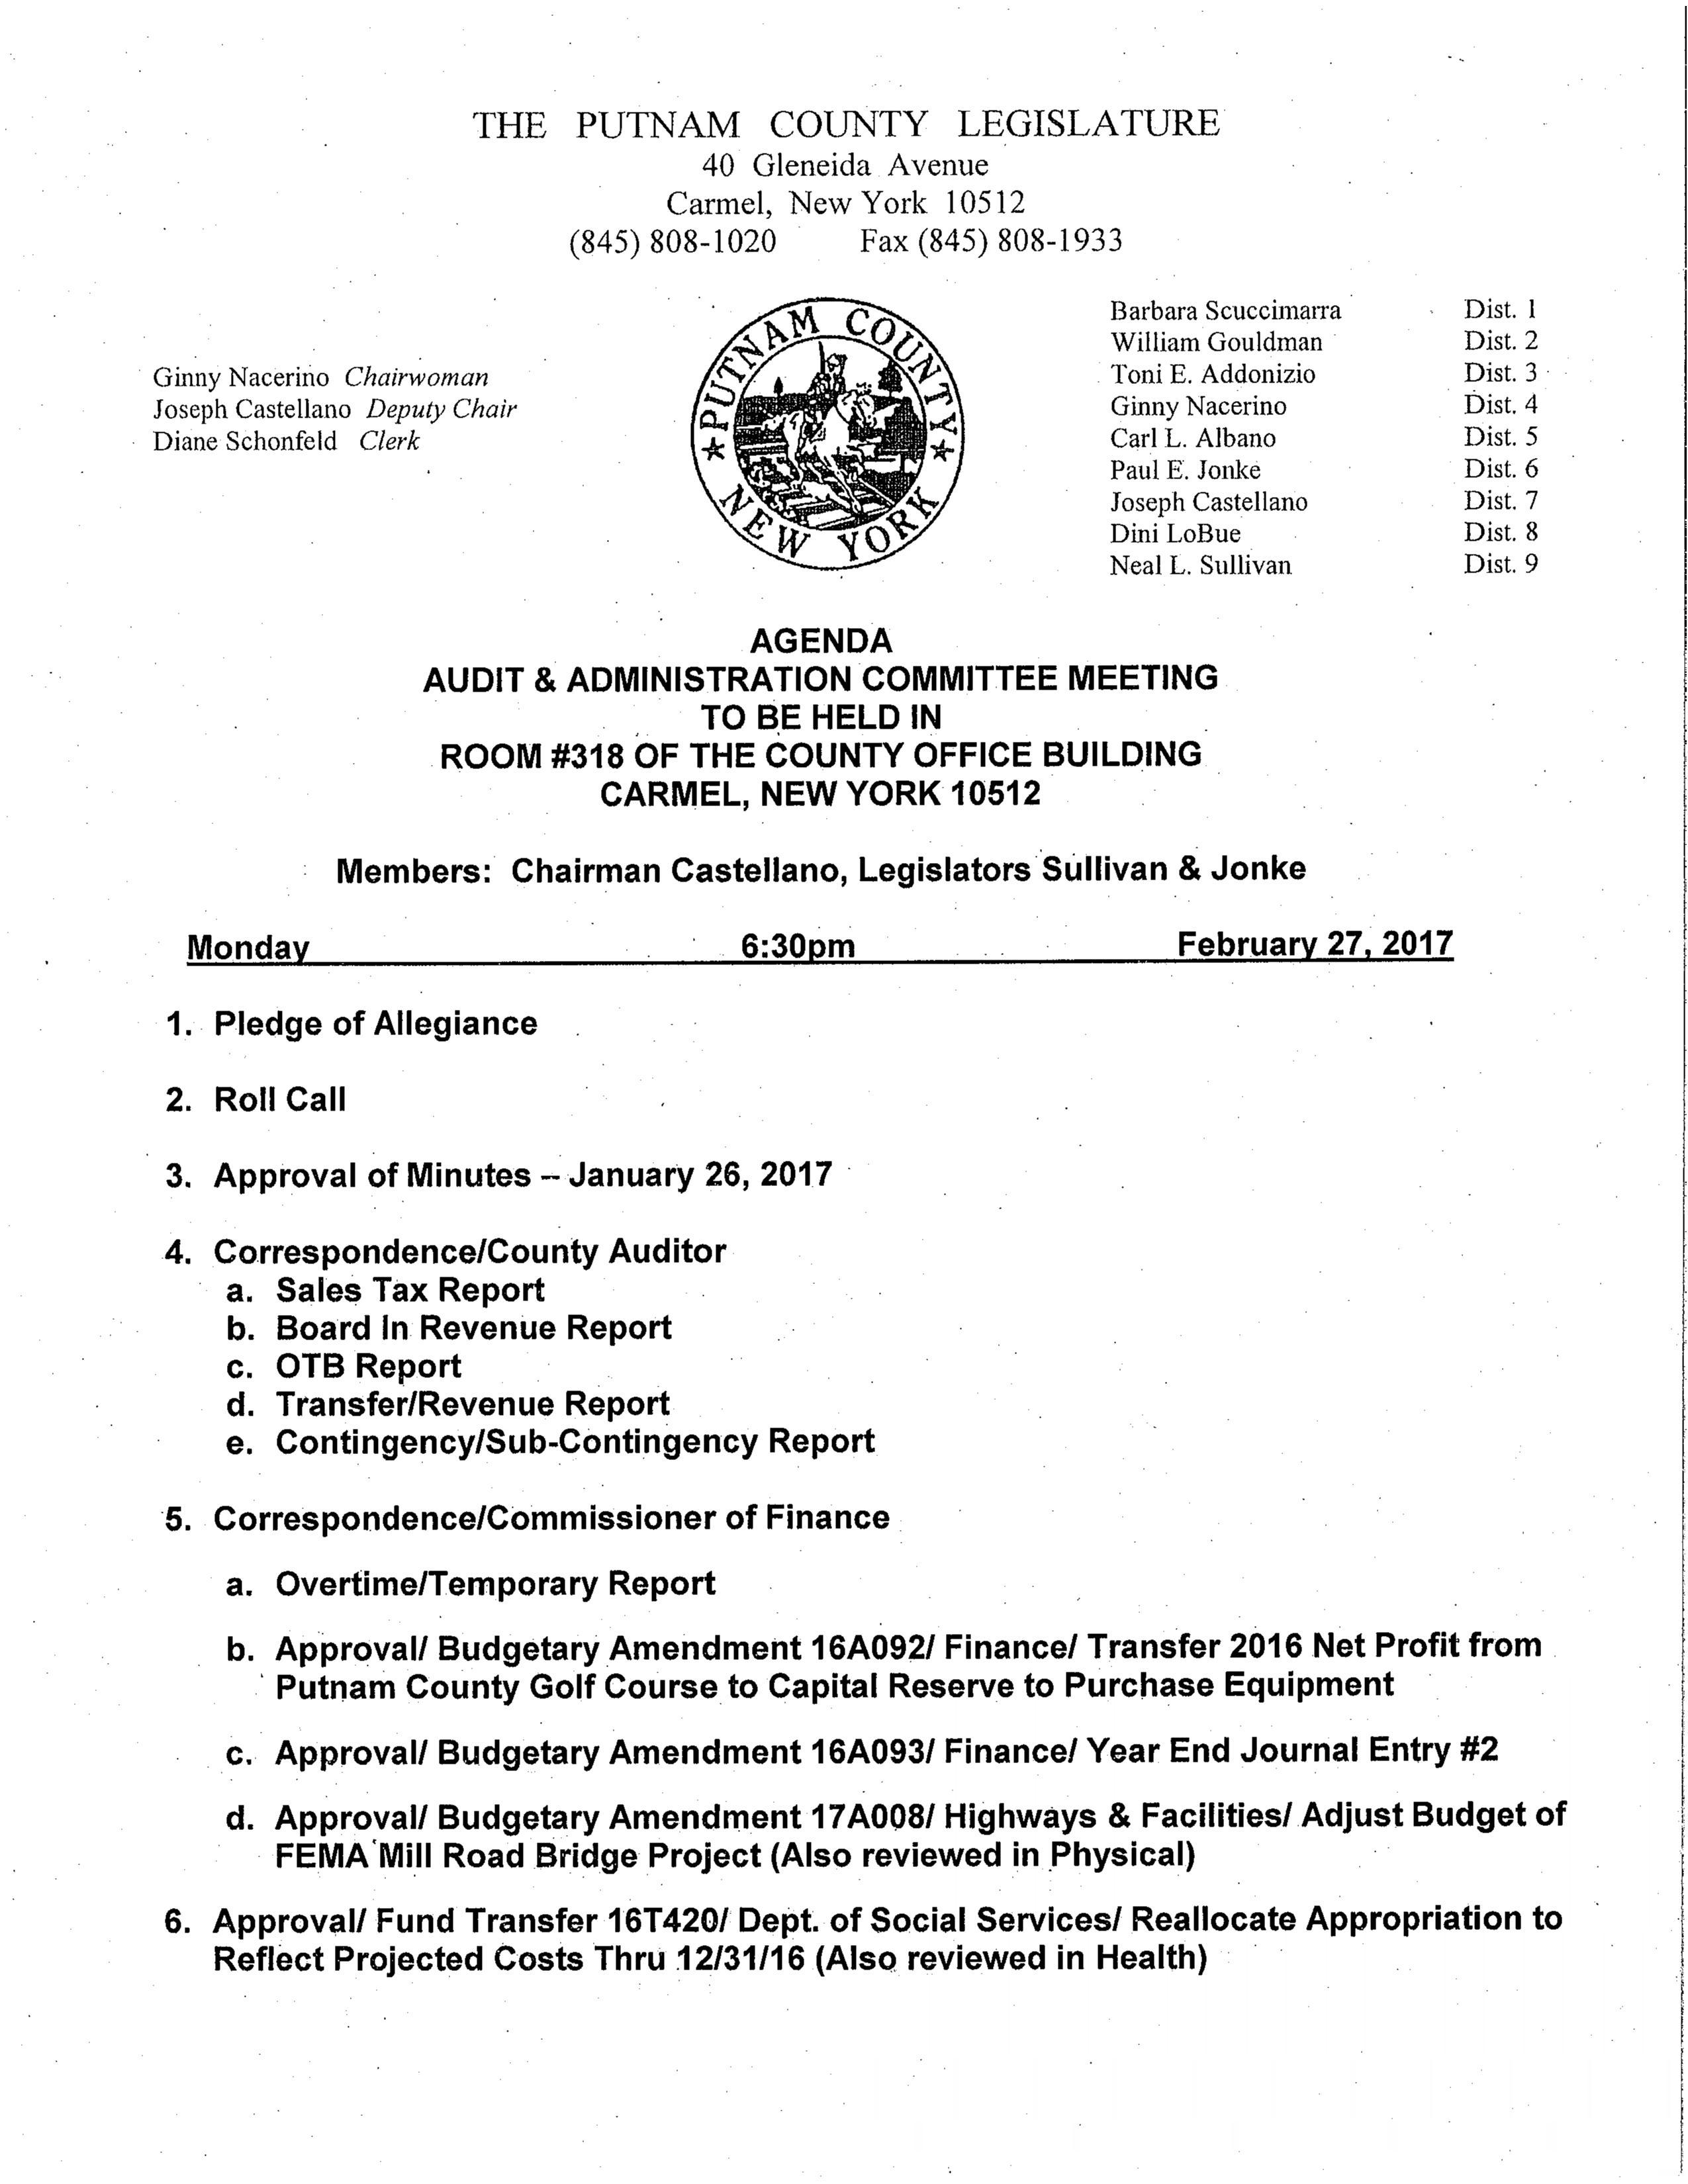 AuditCommitteeMeeting-Feb2017.jpg